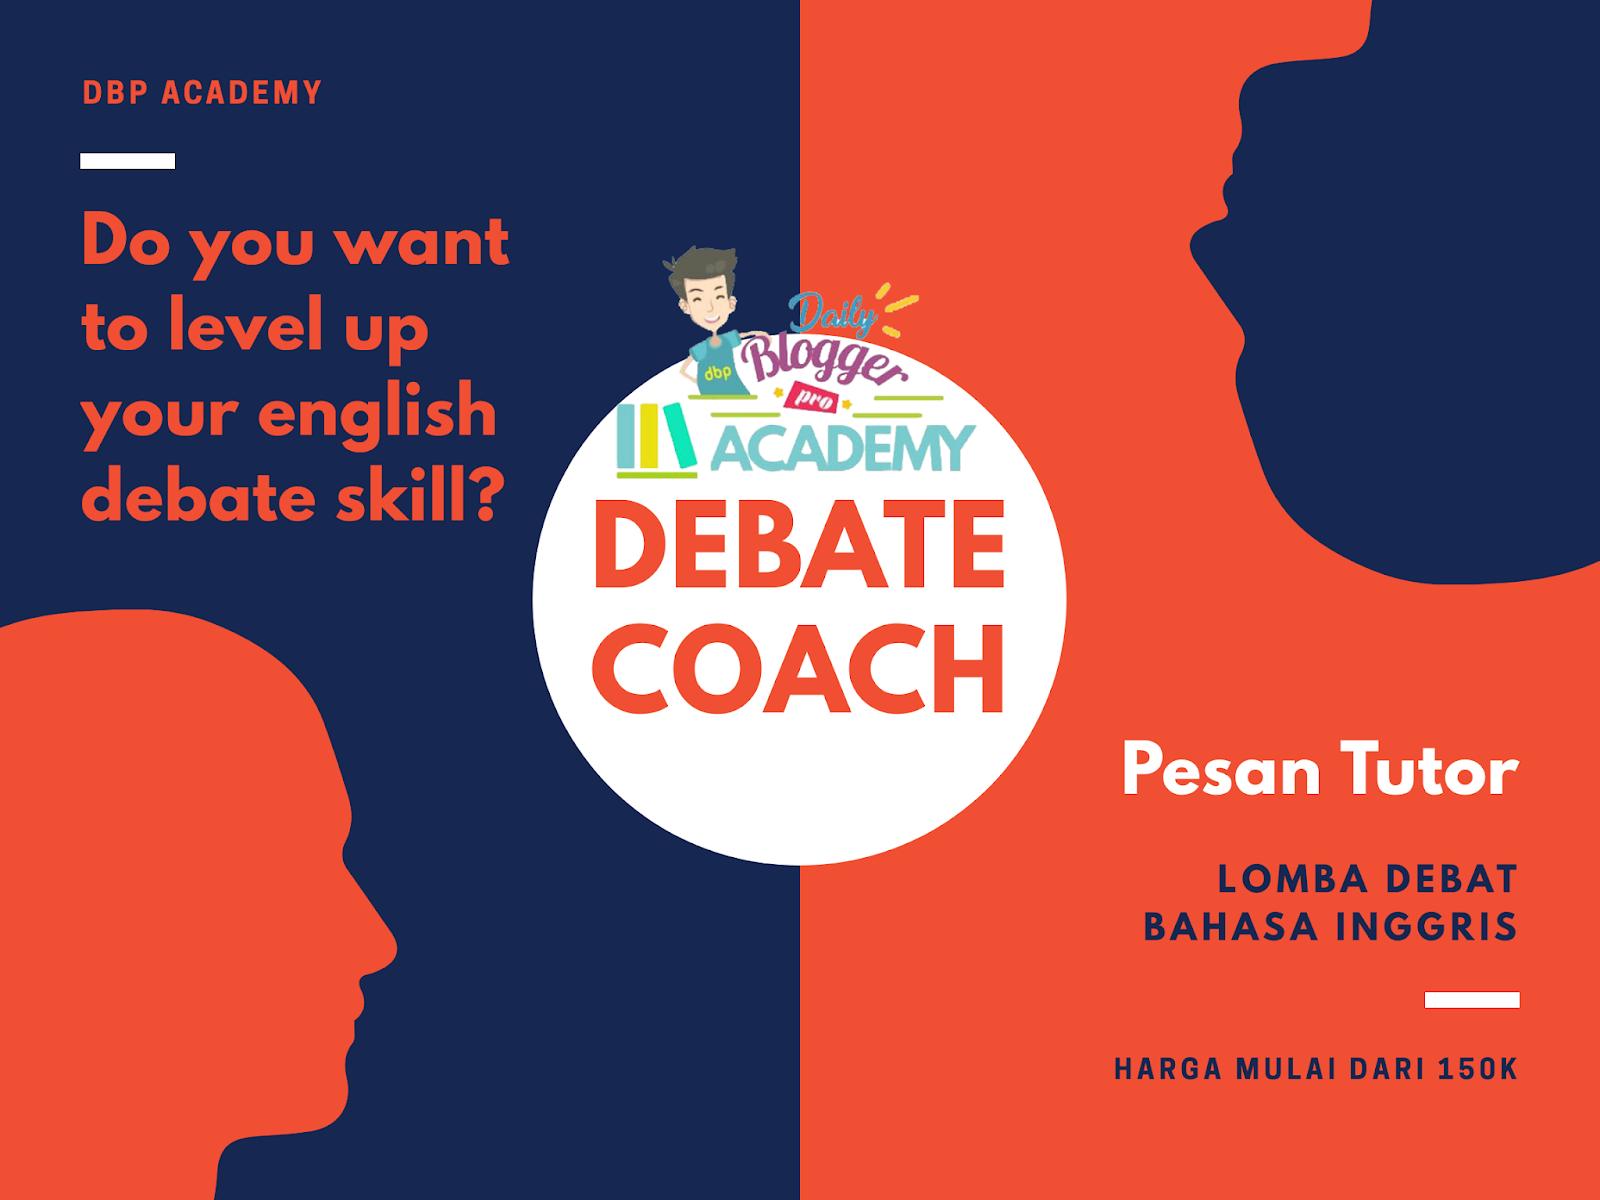 Tutor Privat Debat Bahasa Inggris Jakarta